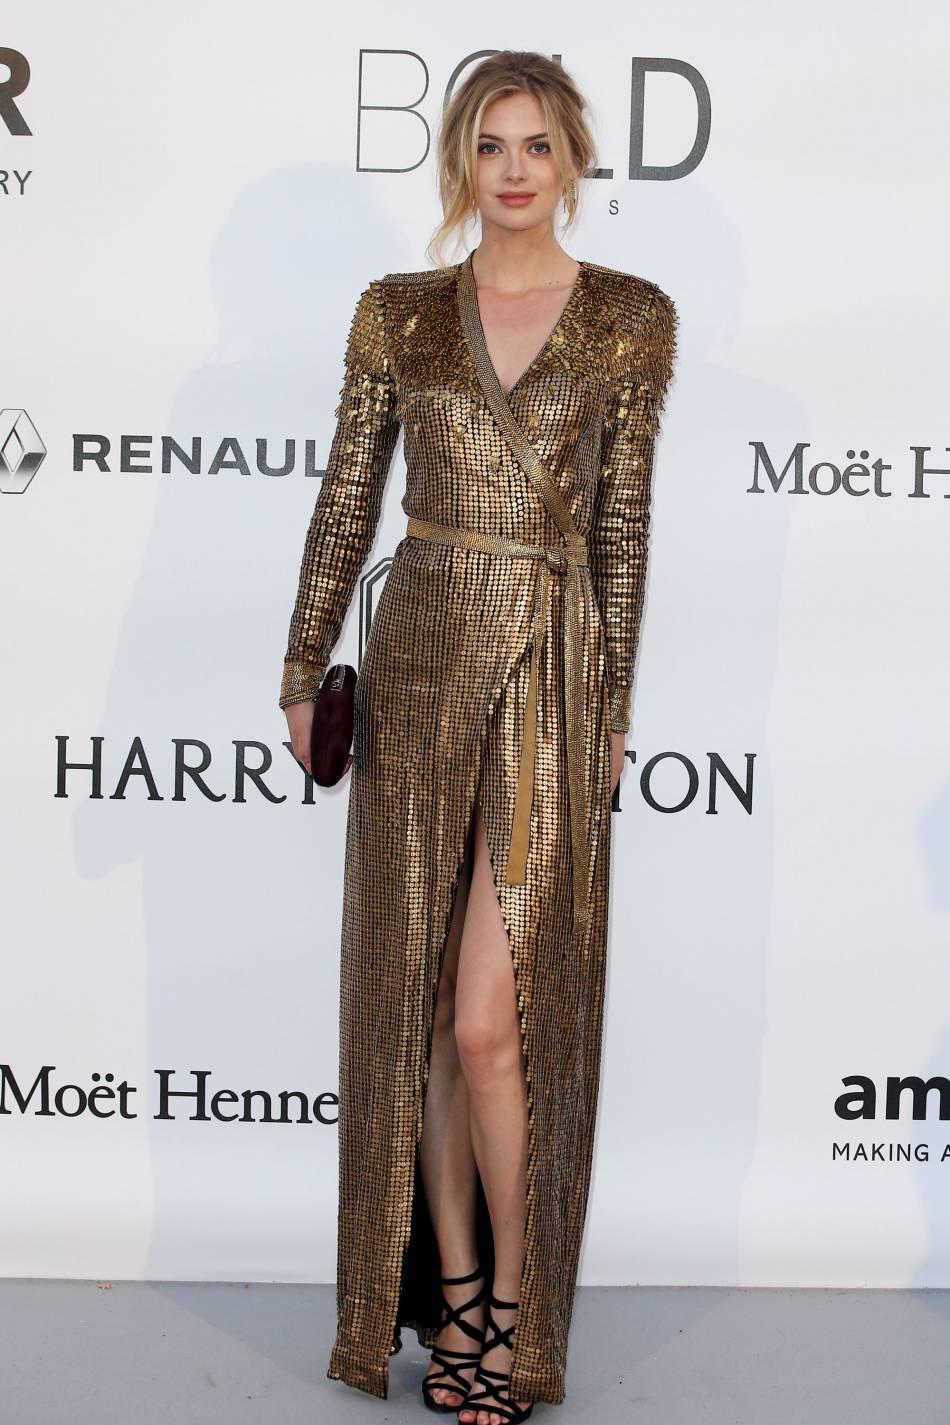 Megan Williams au gala de l'amfAR Cinema against AIDS le 19 mai 2016 à Cannes.